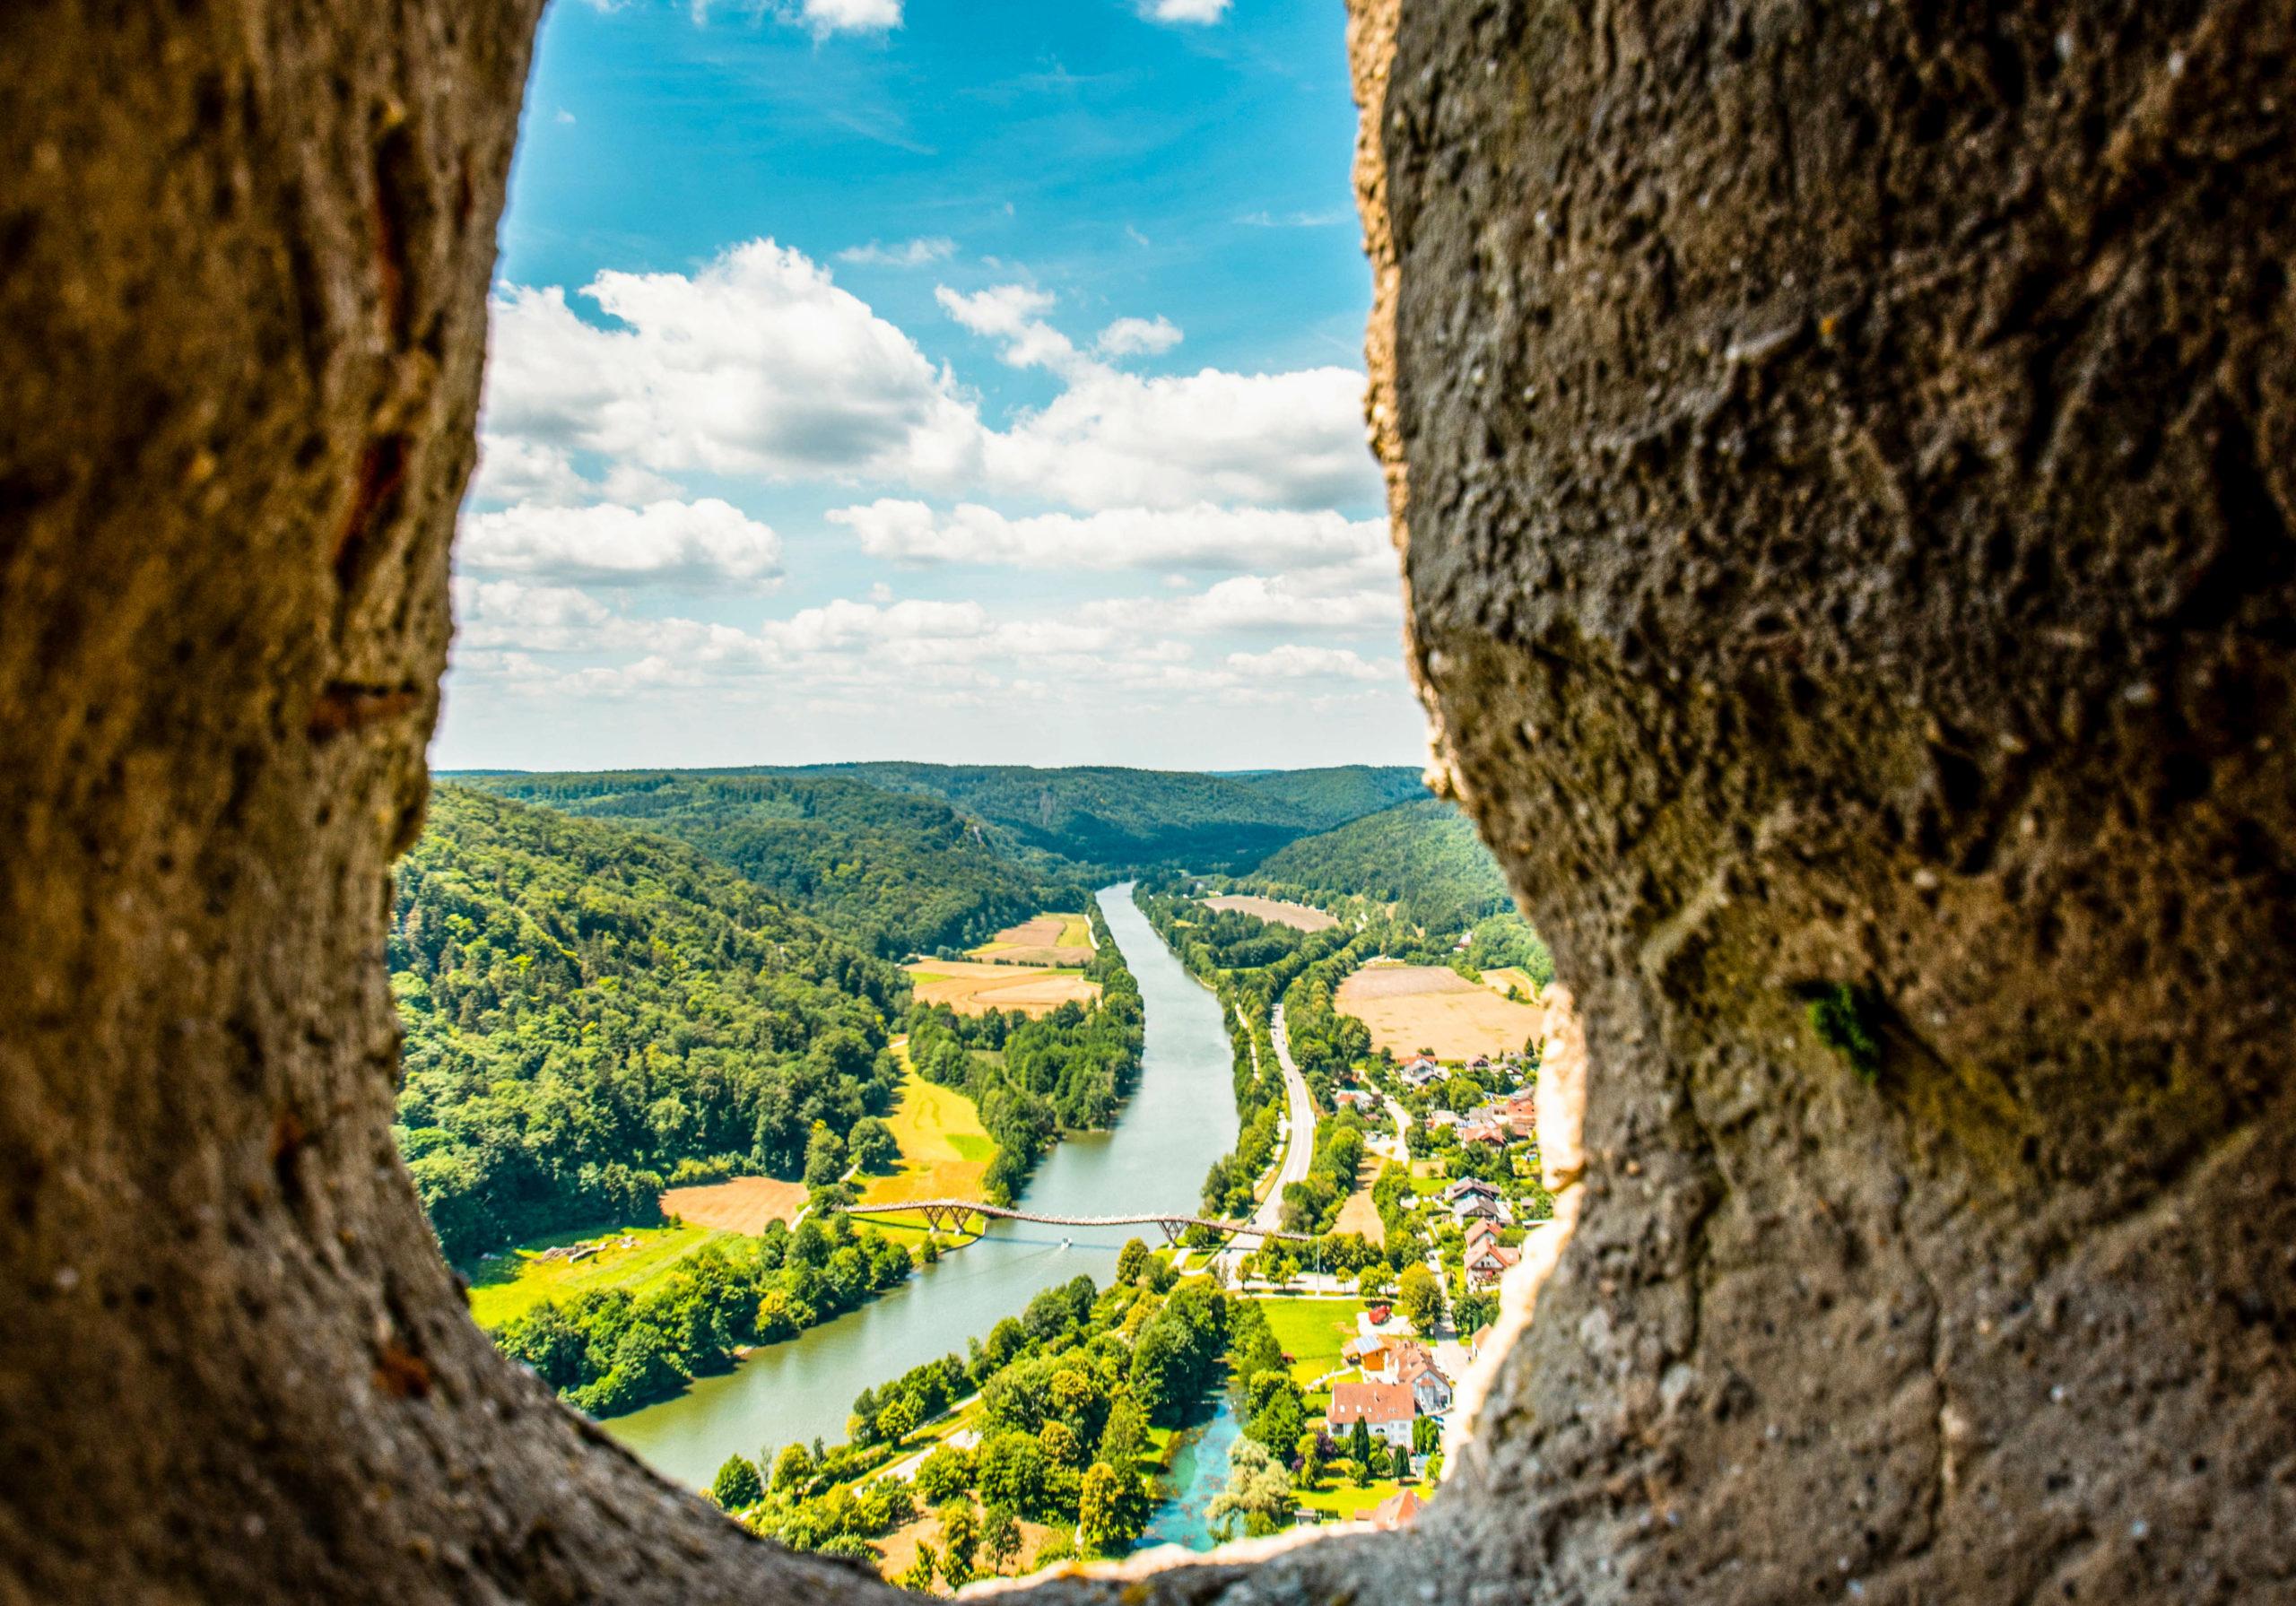 Sommerurlaub Süddeutschland: Altmühltal